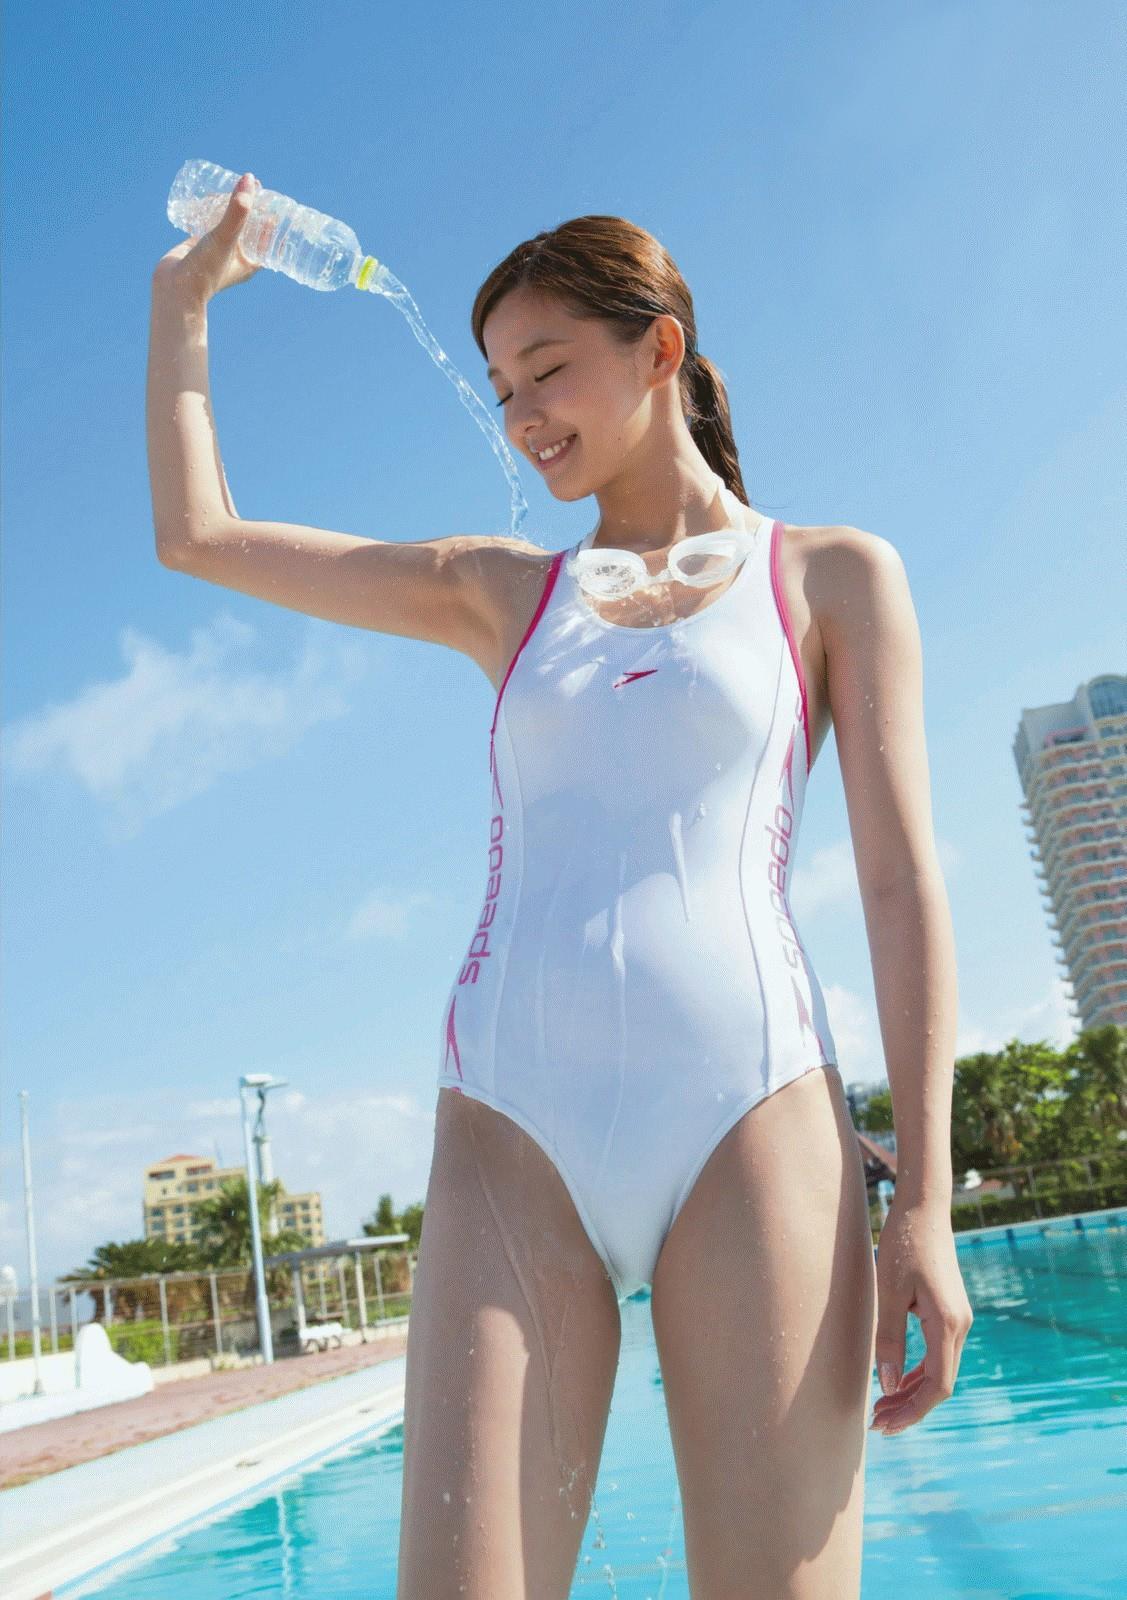 ボディラインを楽しむなら競泳水着が一番と言う事実を知っているか? パート15